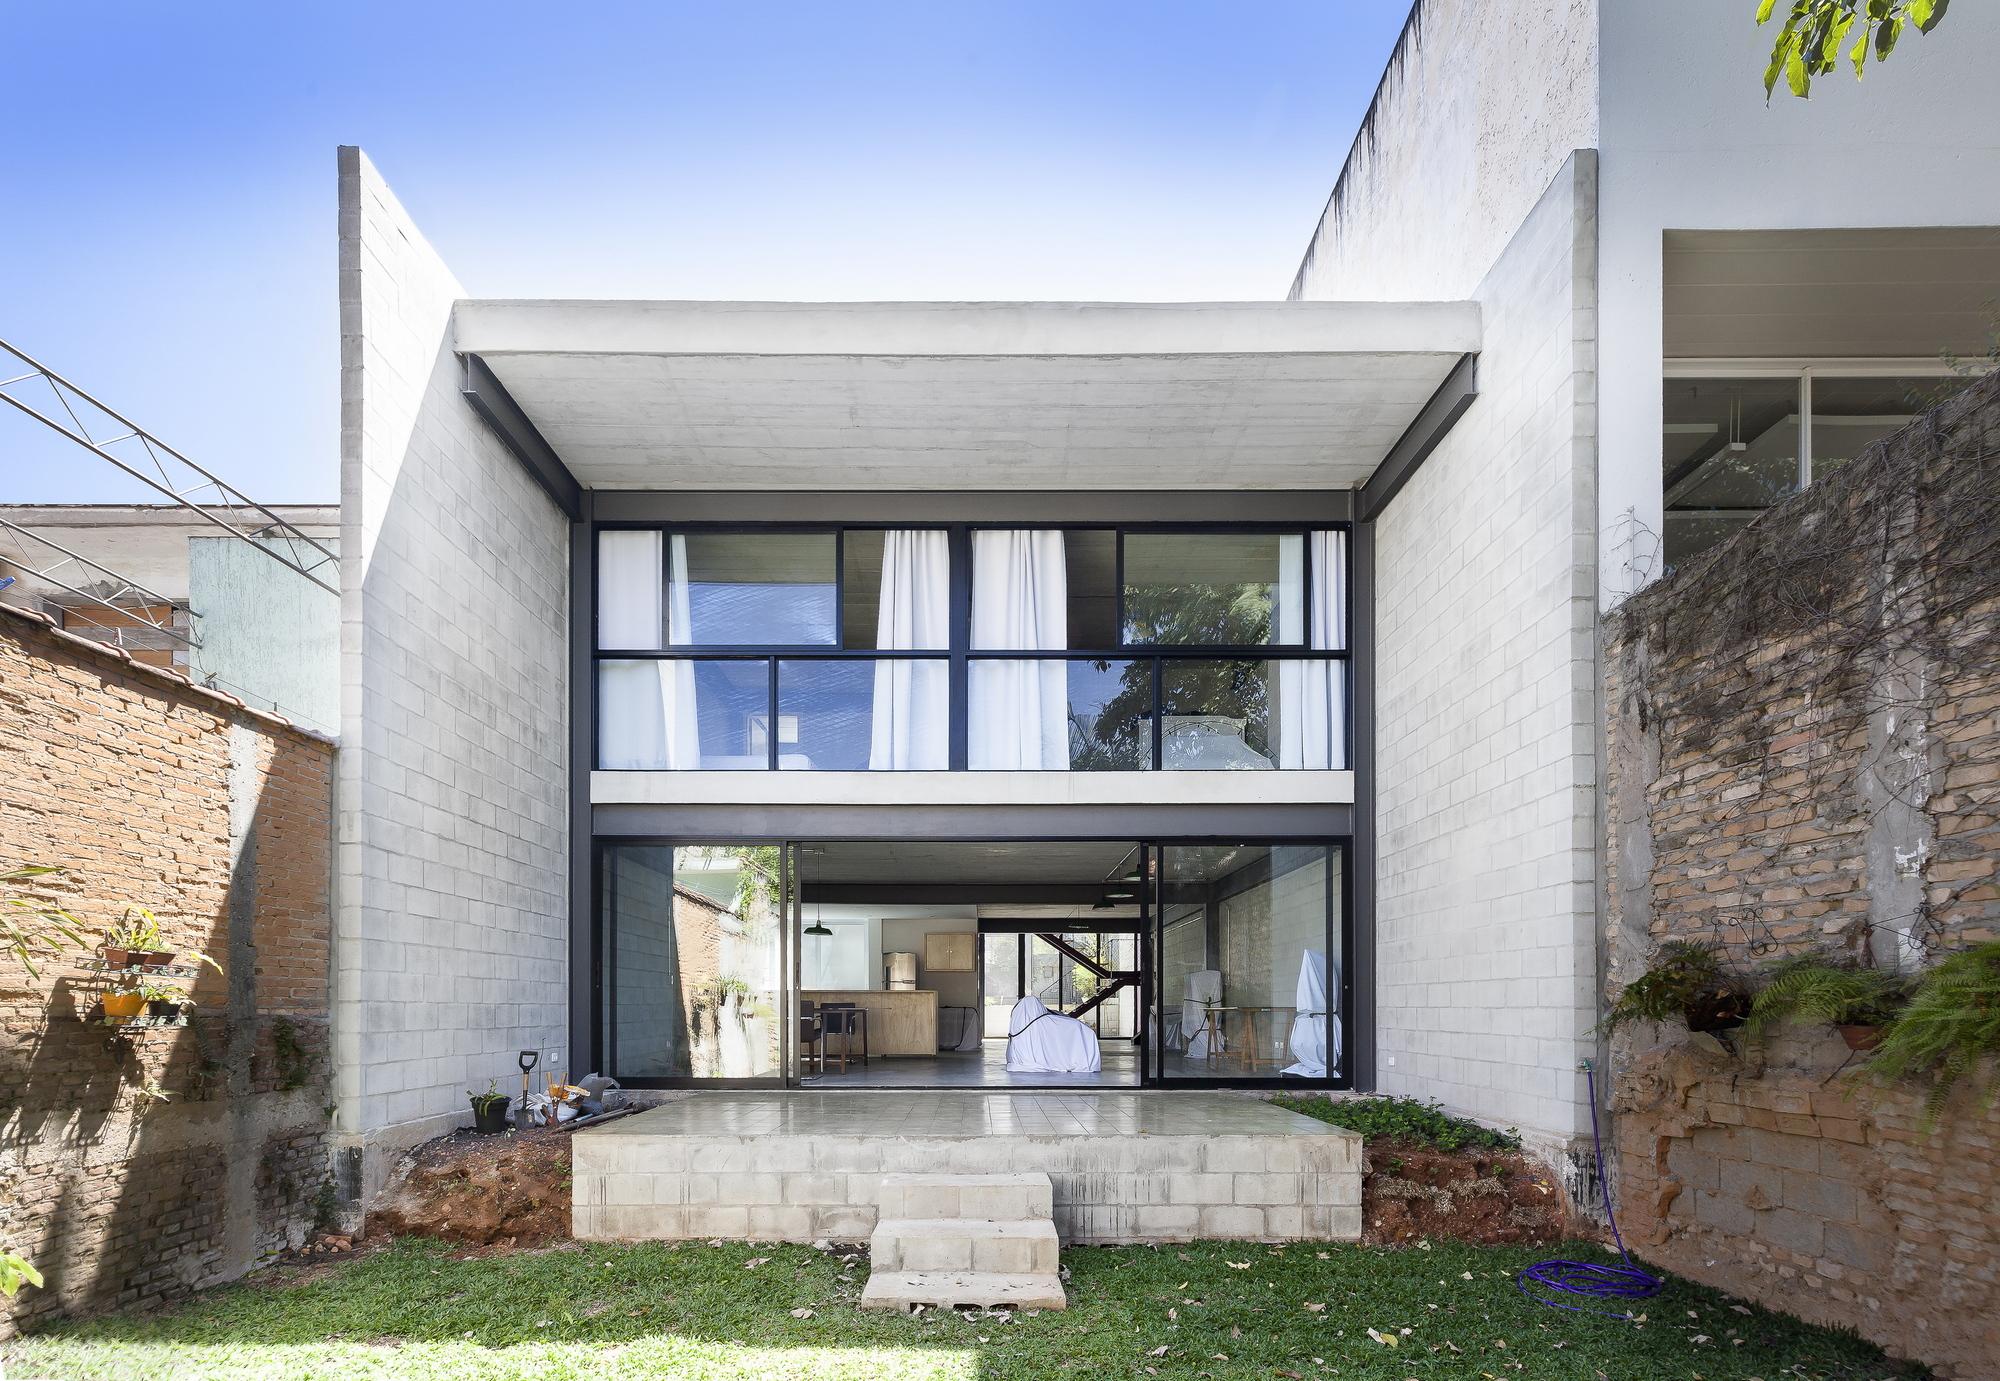 Laura house arkitito arquitetura archdaily for Modelos de casa pequenas para construir